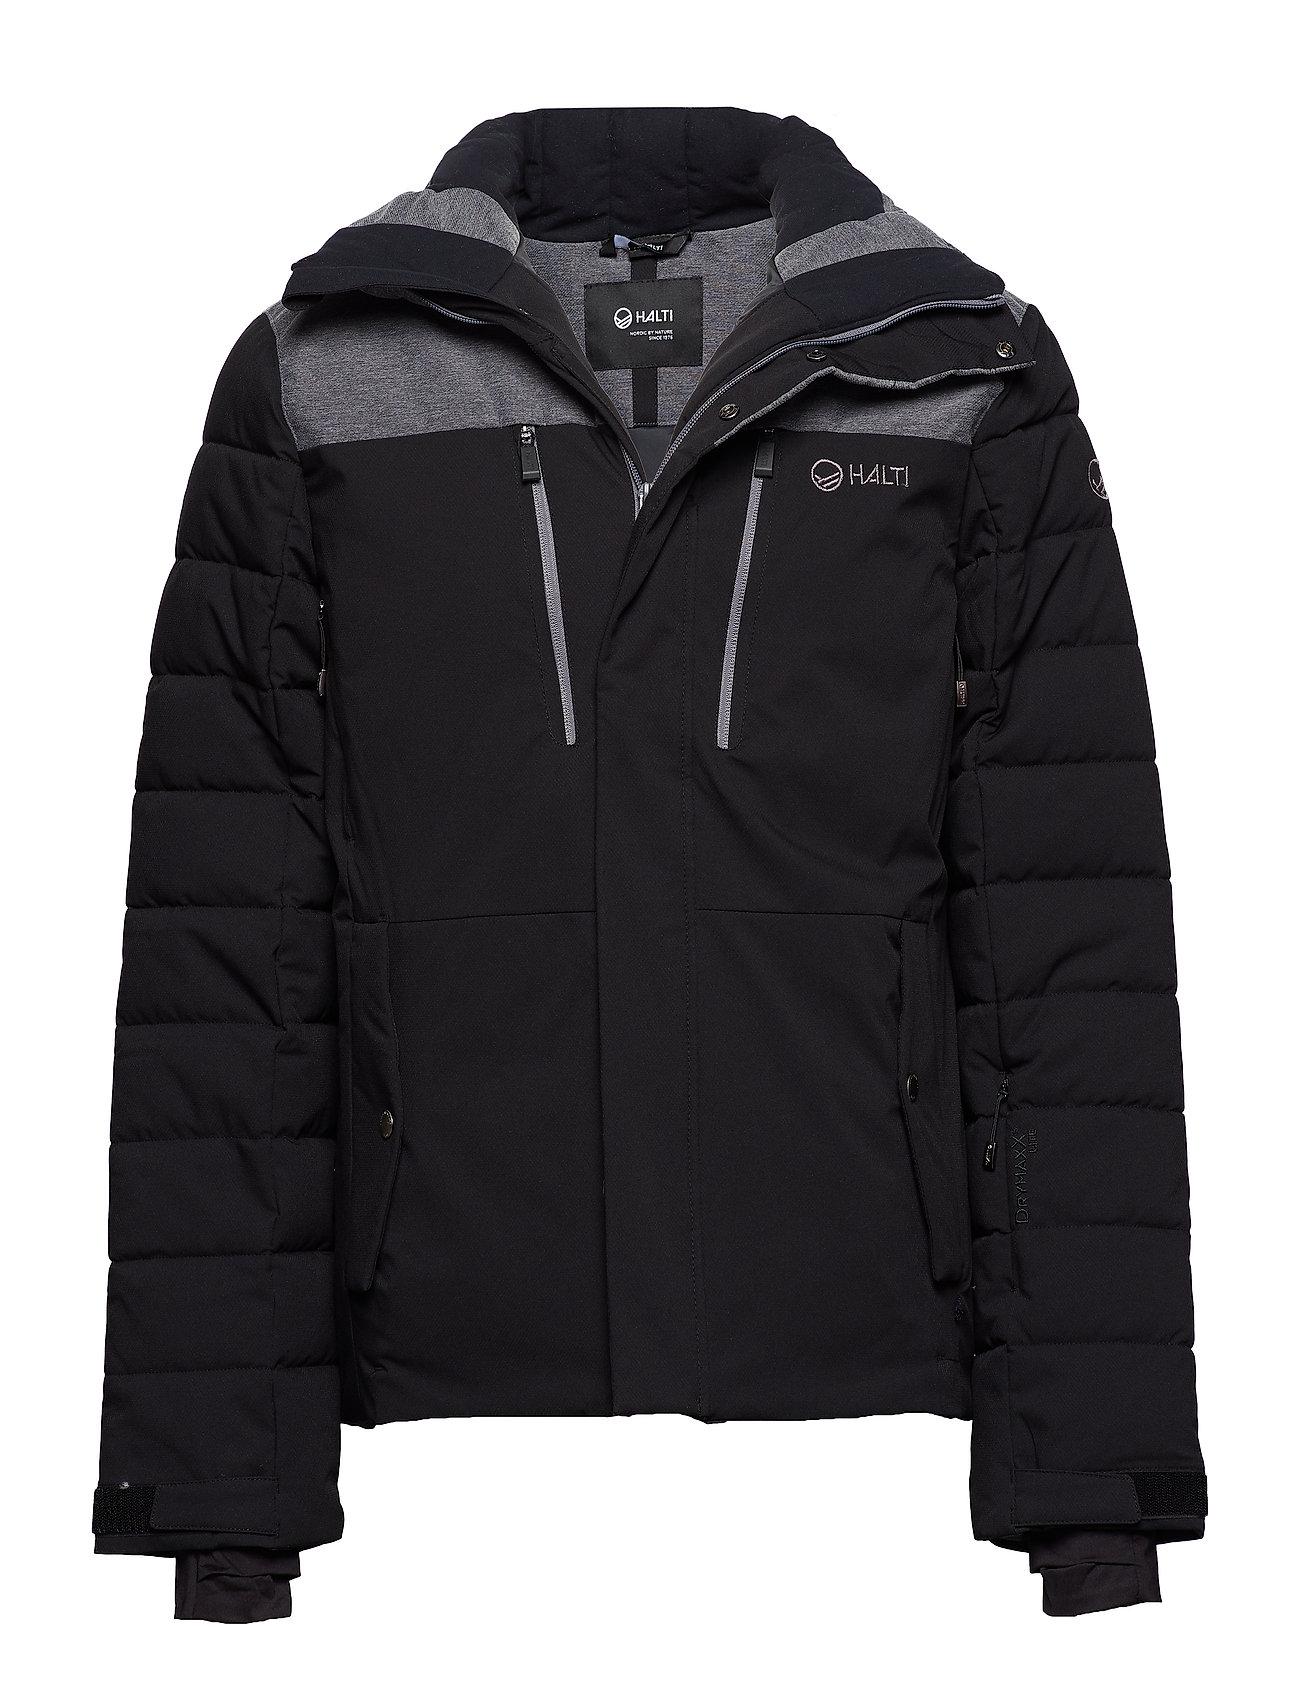 Kilta M Dx Warm Ski Jacket - Halti